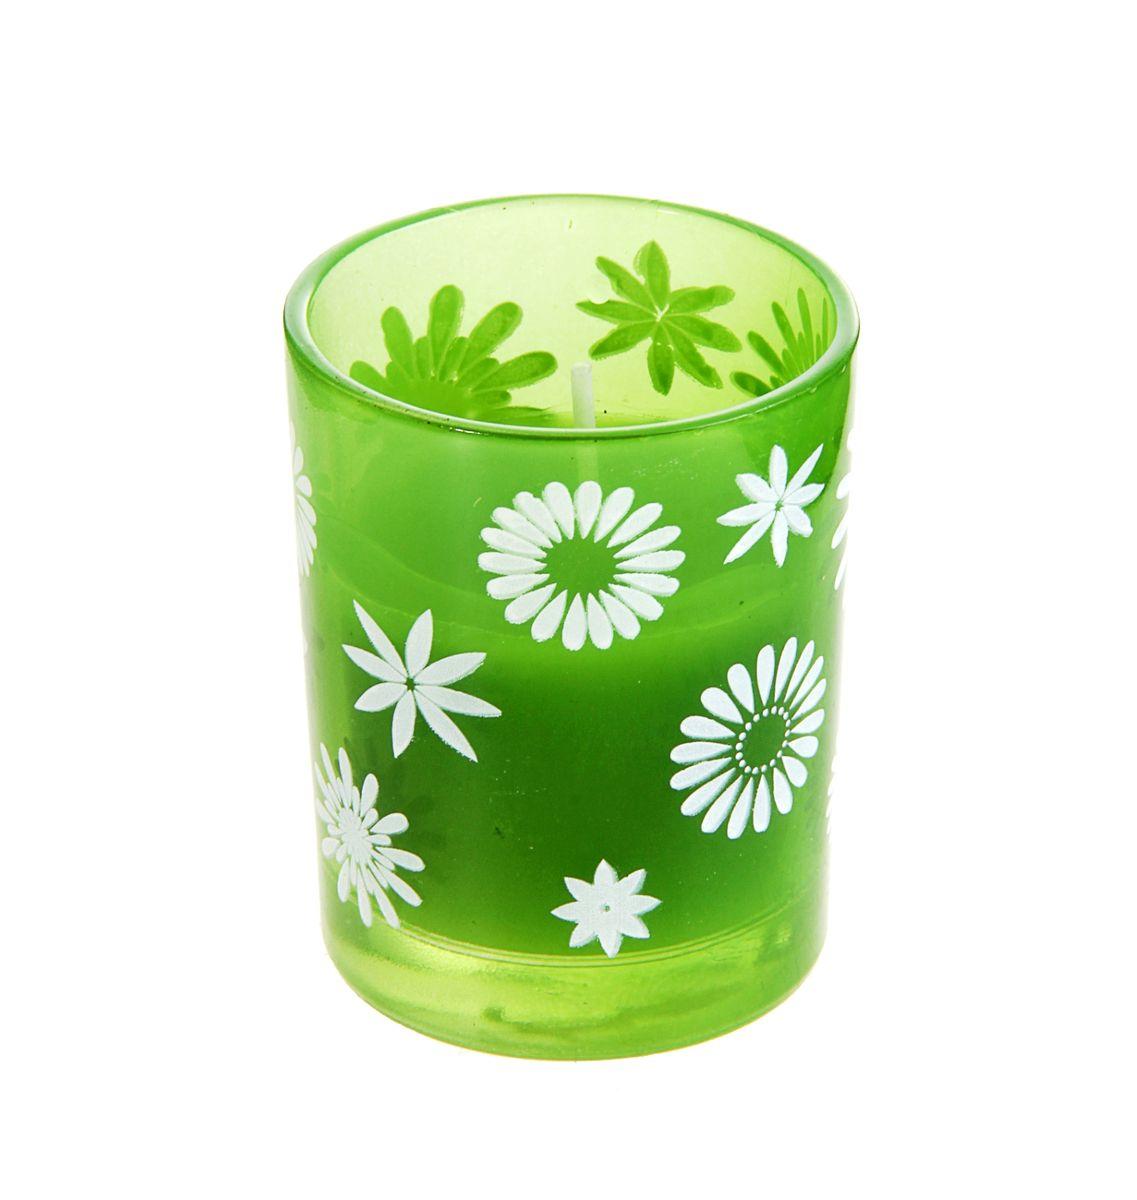 Свеча Sima-land Цветочки, цвет: зеленый, белый, высота 6 см167184Свеча Sima-land Цветочки изготовлена из воска и поставляется в подсвечнике в виде стеклянного стакана, оформленного изображениями цветов. Изделие отличается оригинальным дизайном и изяществом. Такая свеча может стать отличным подарком или дополнить интерьер вашей комнаты.